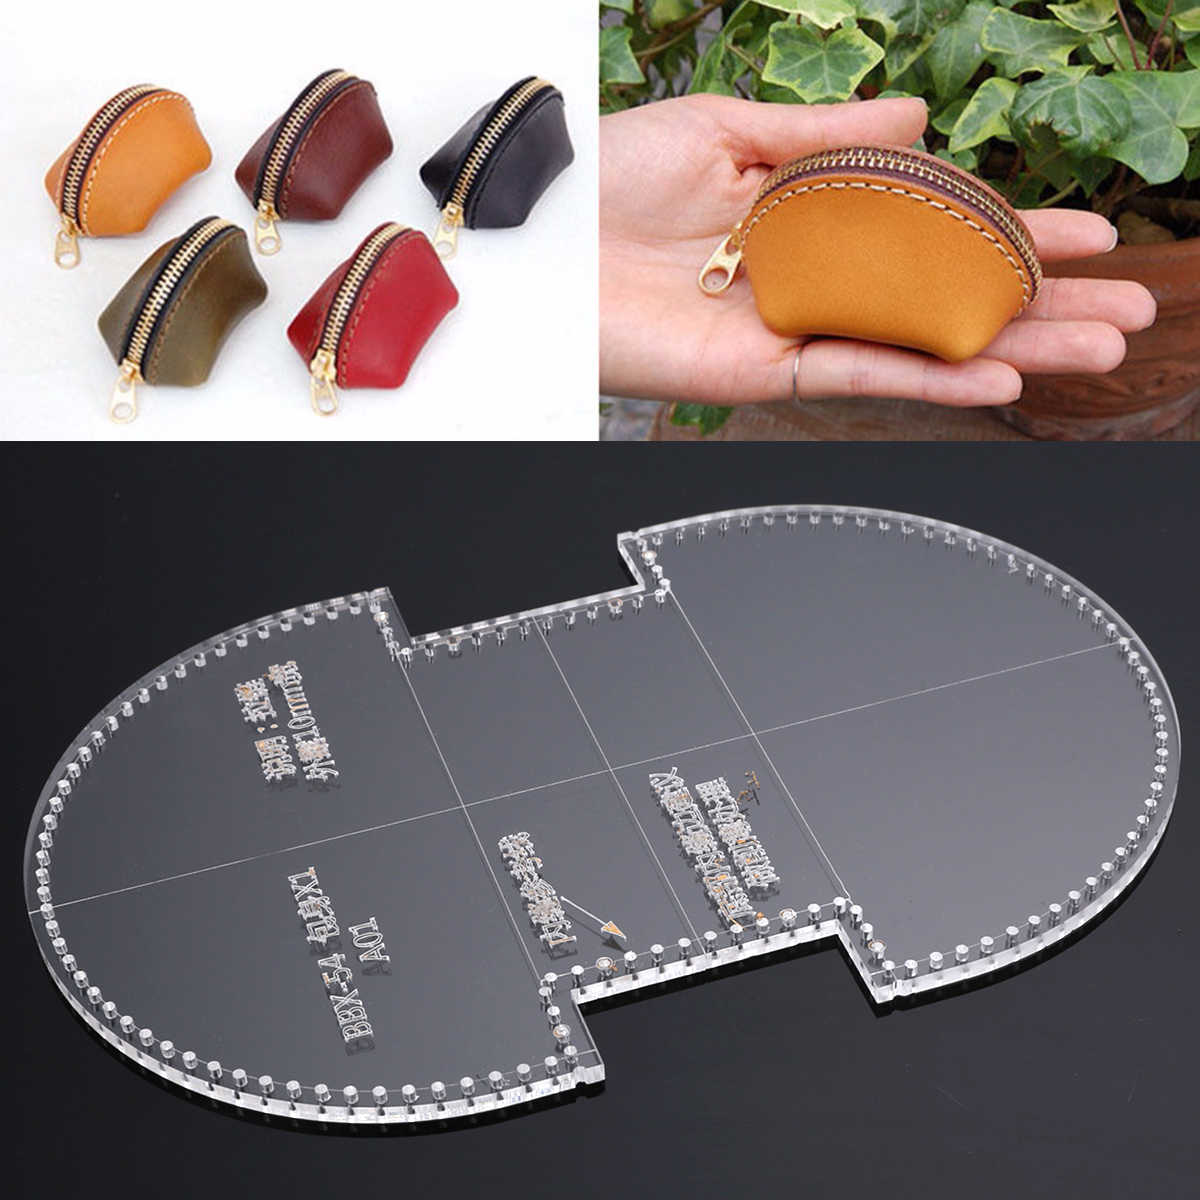 Acryl Schneiden Schablonen Stempel Vorlage für DIY Mini Geldbörse